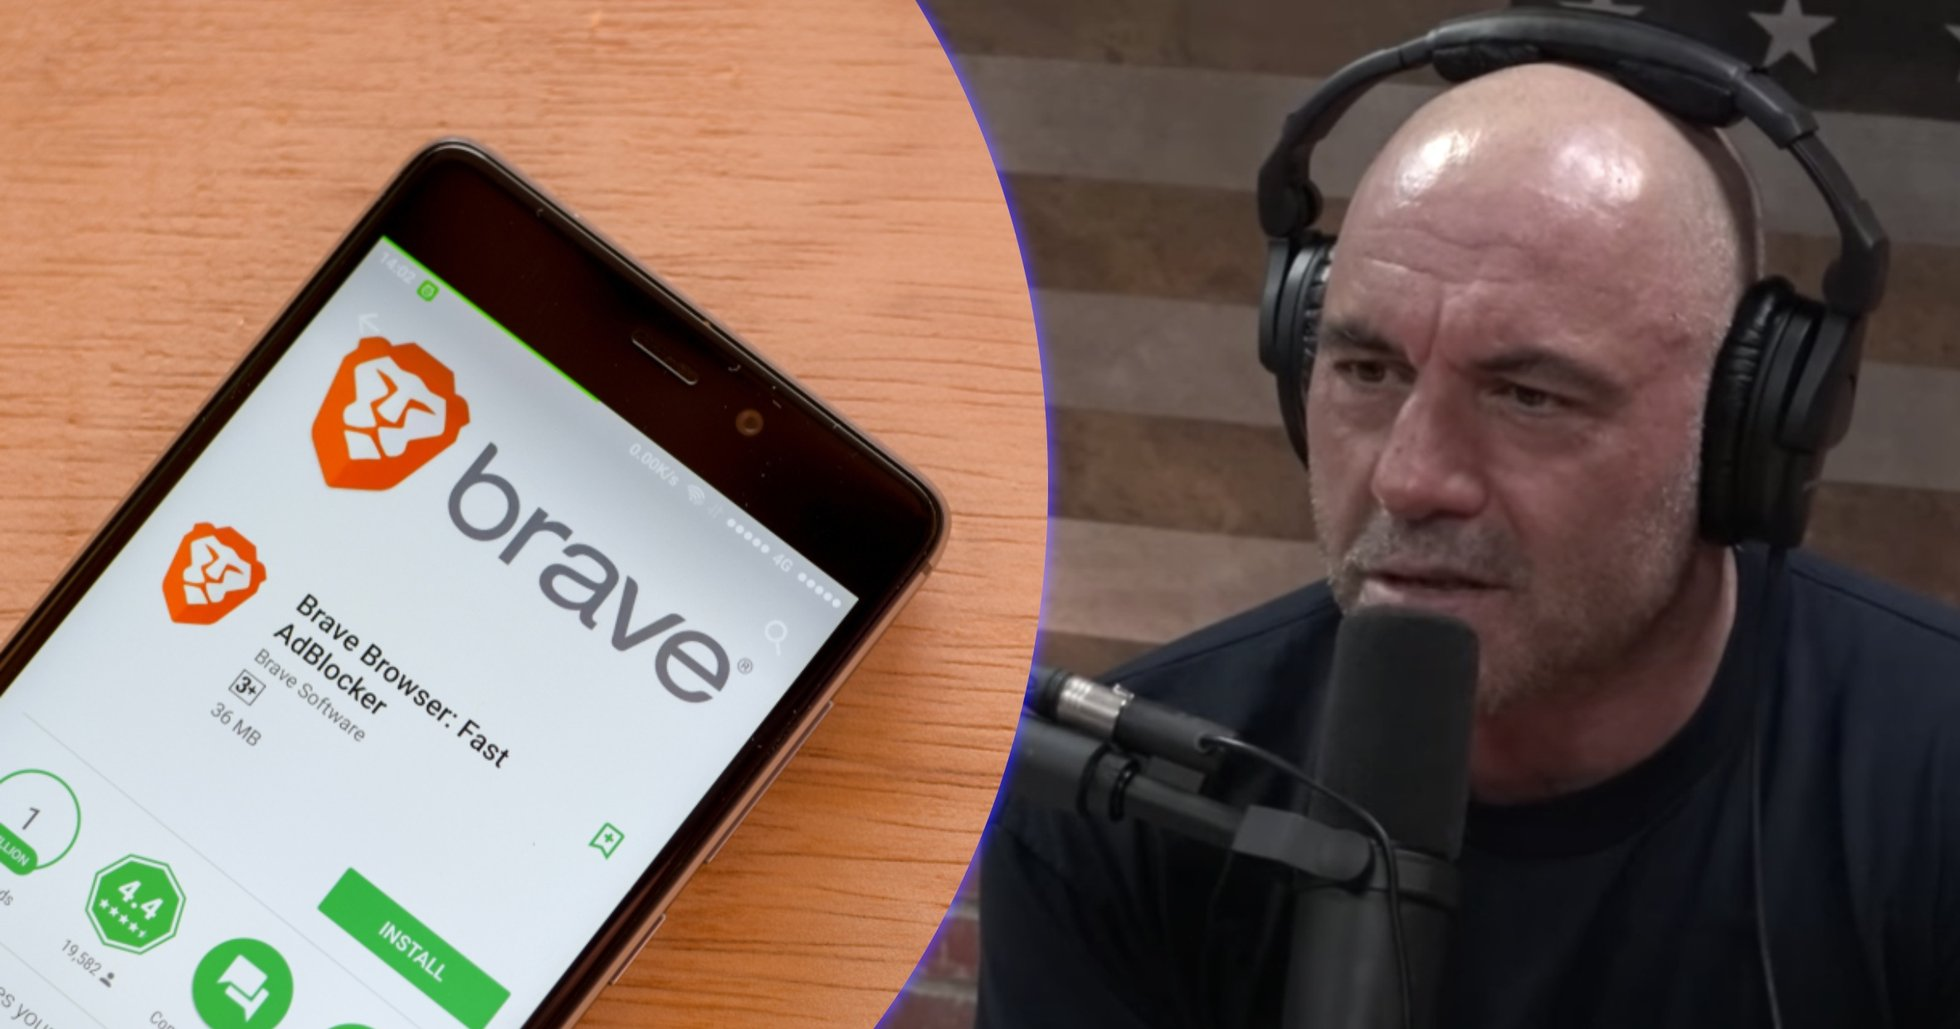 Podcaststjärnan Joe Rogan använder kryptowebbläsaren Brave